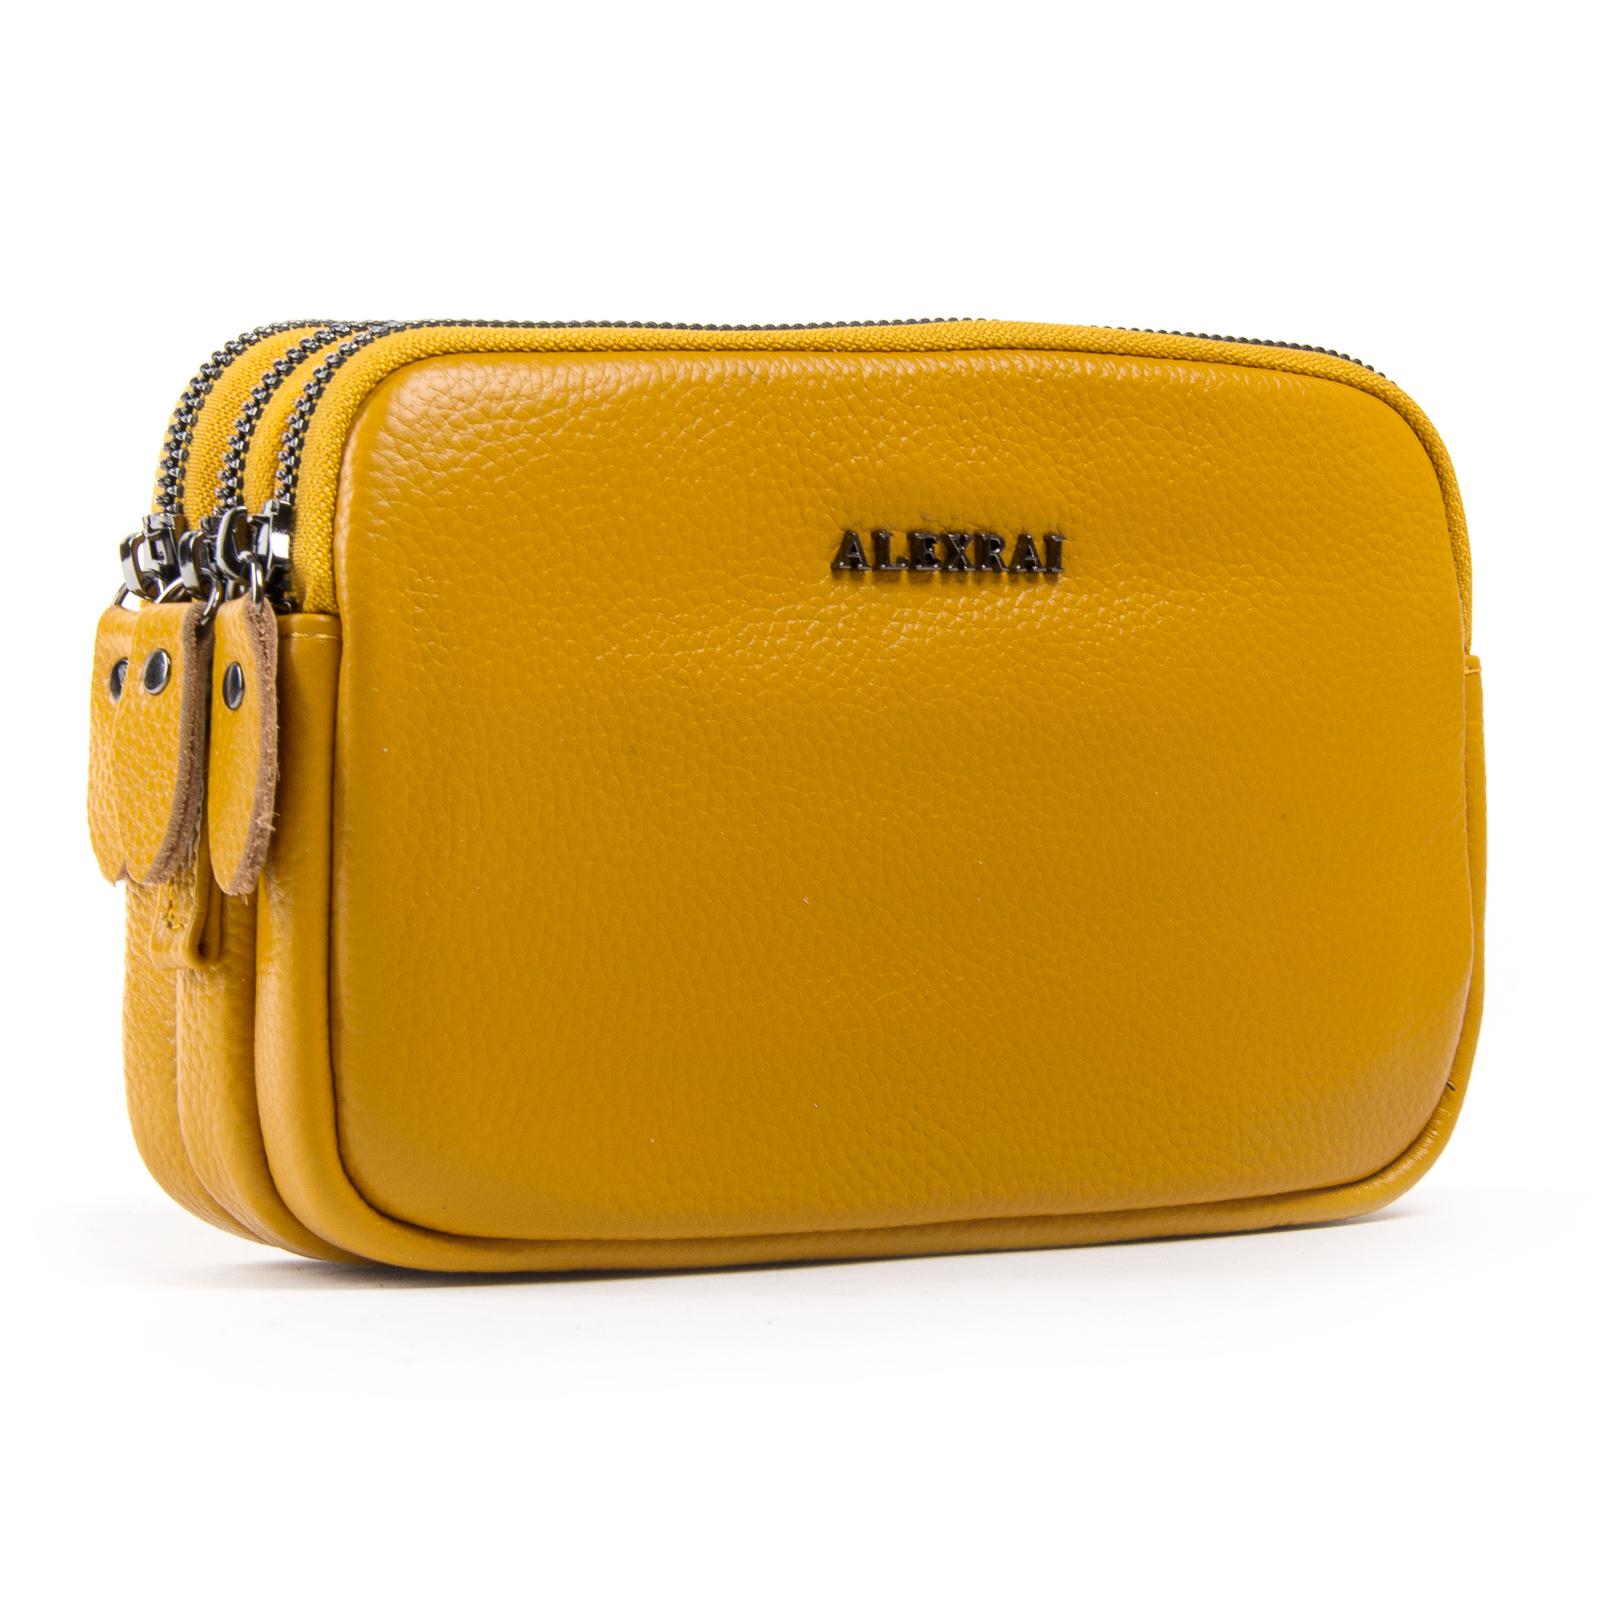 Сумка Женская Клатч кожа ALEX RAI 1-02 60061-9 yellow